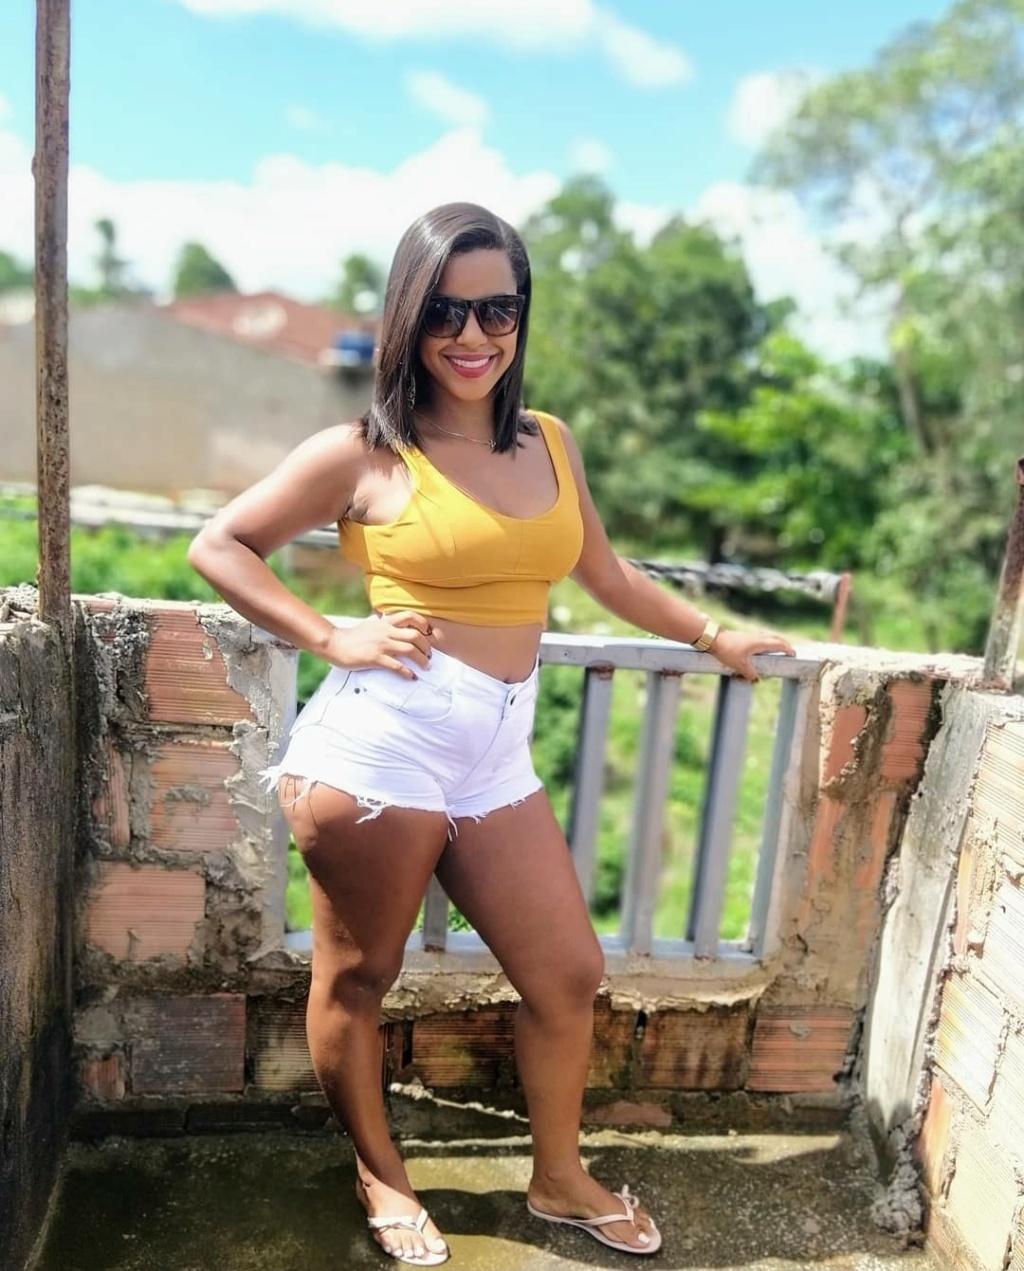 DEBATE sobre belleza, guapura y hermosura (fotos de chicas latinas, mestizas, y de todo) - VOL II - Página 3 Img_1085